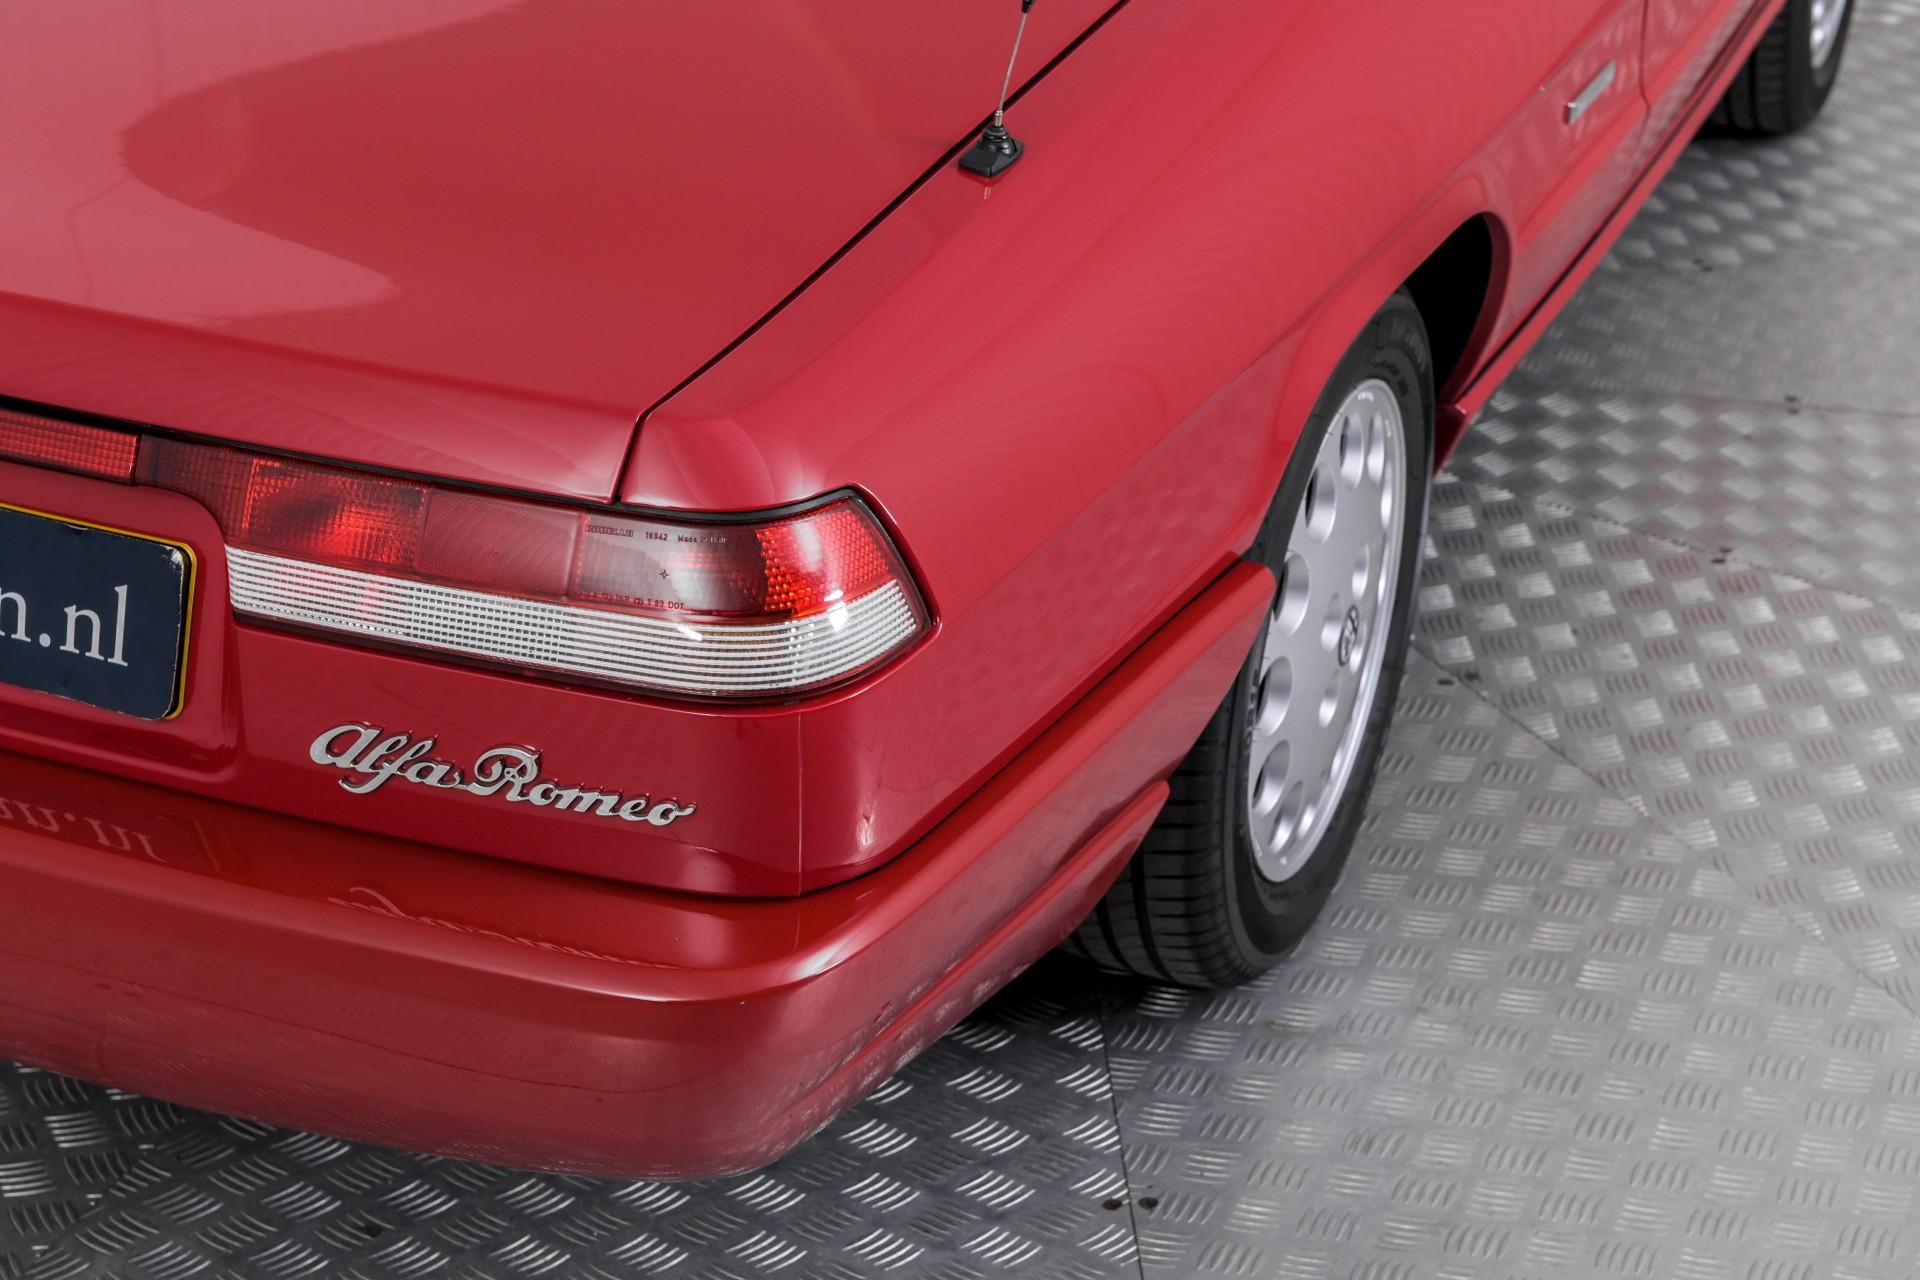 Alfa Romeo Spider 2.0i Serie 4 Foto 13